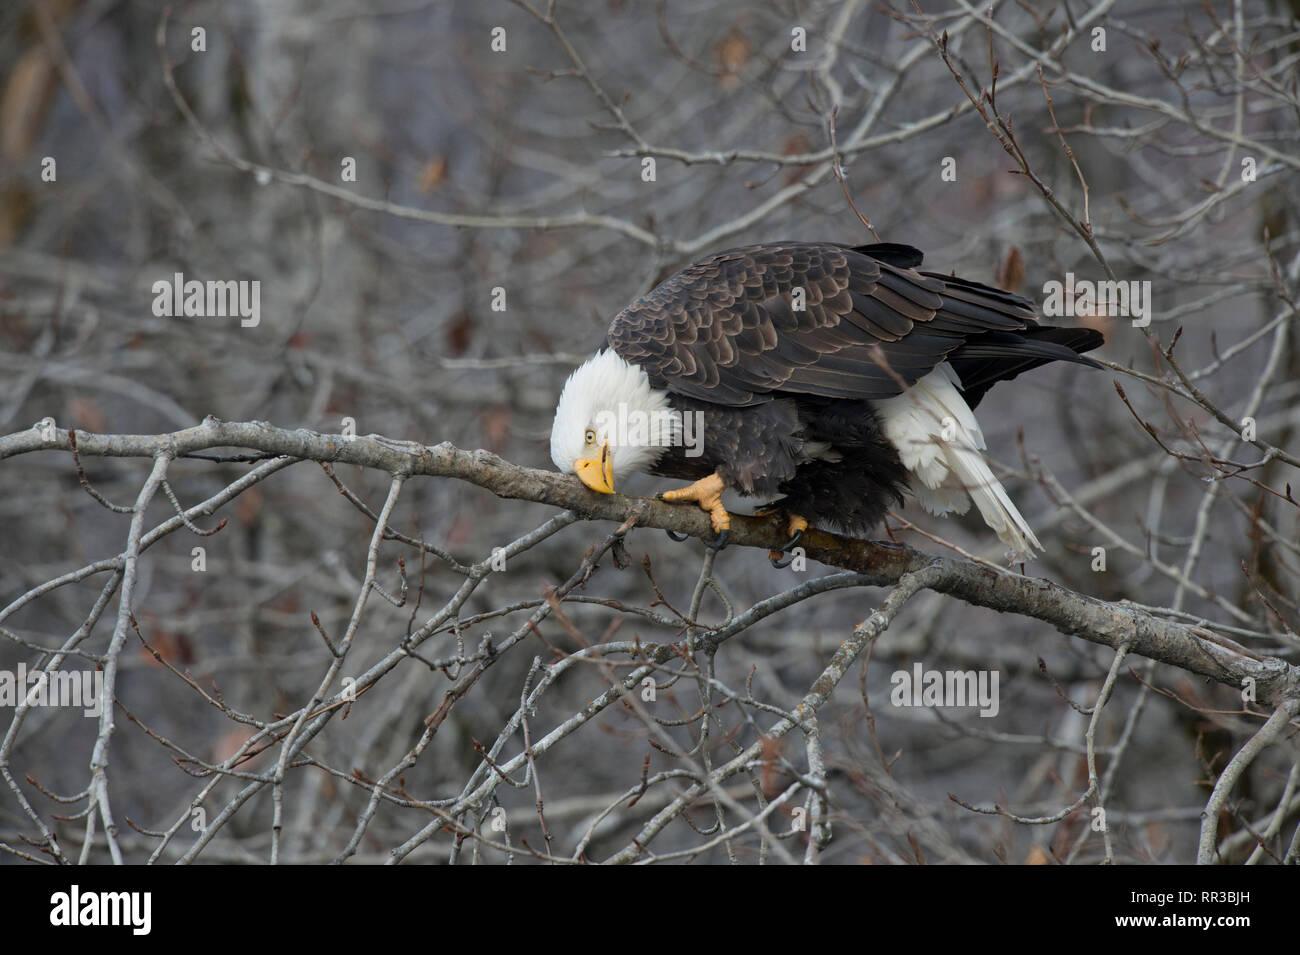 Nach der Weißkopfseeadler (Haliaeetus leucocephalus) seinen Schnabel Reinigung auf einem Zweig in den Alaska Chilkat Bald Eagle Preserve in der Nähe von haines Alaska Stockbild